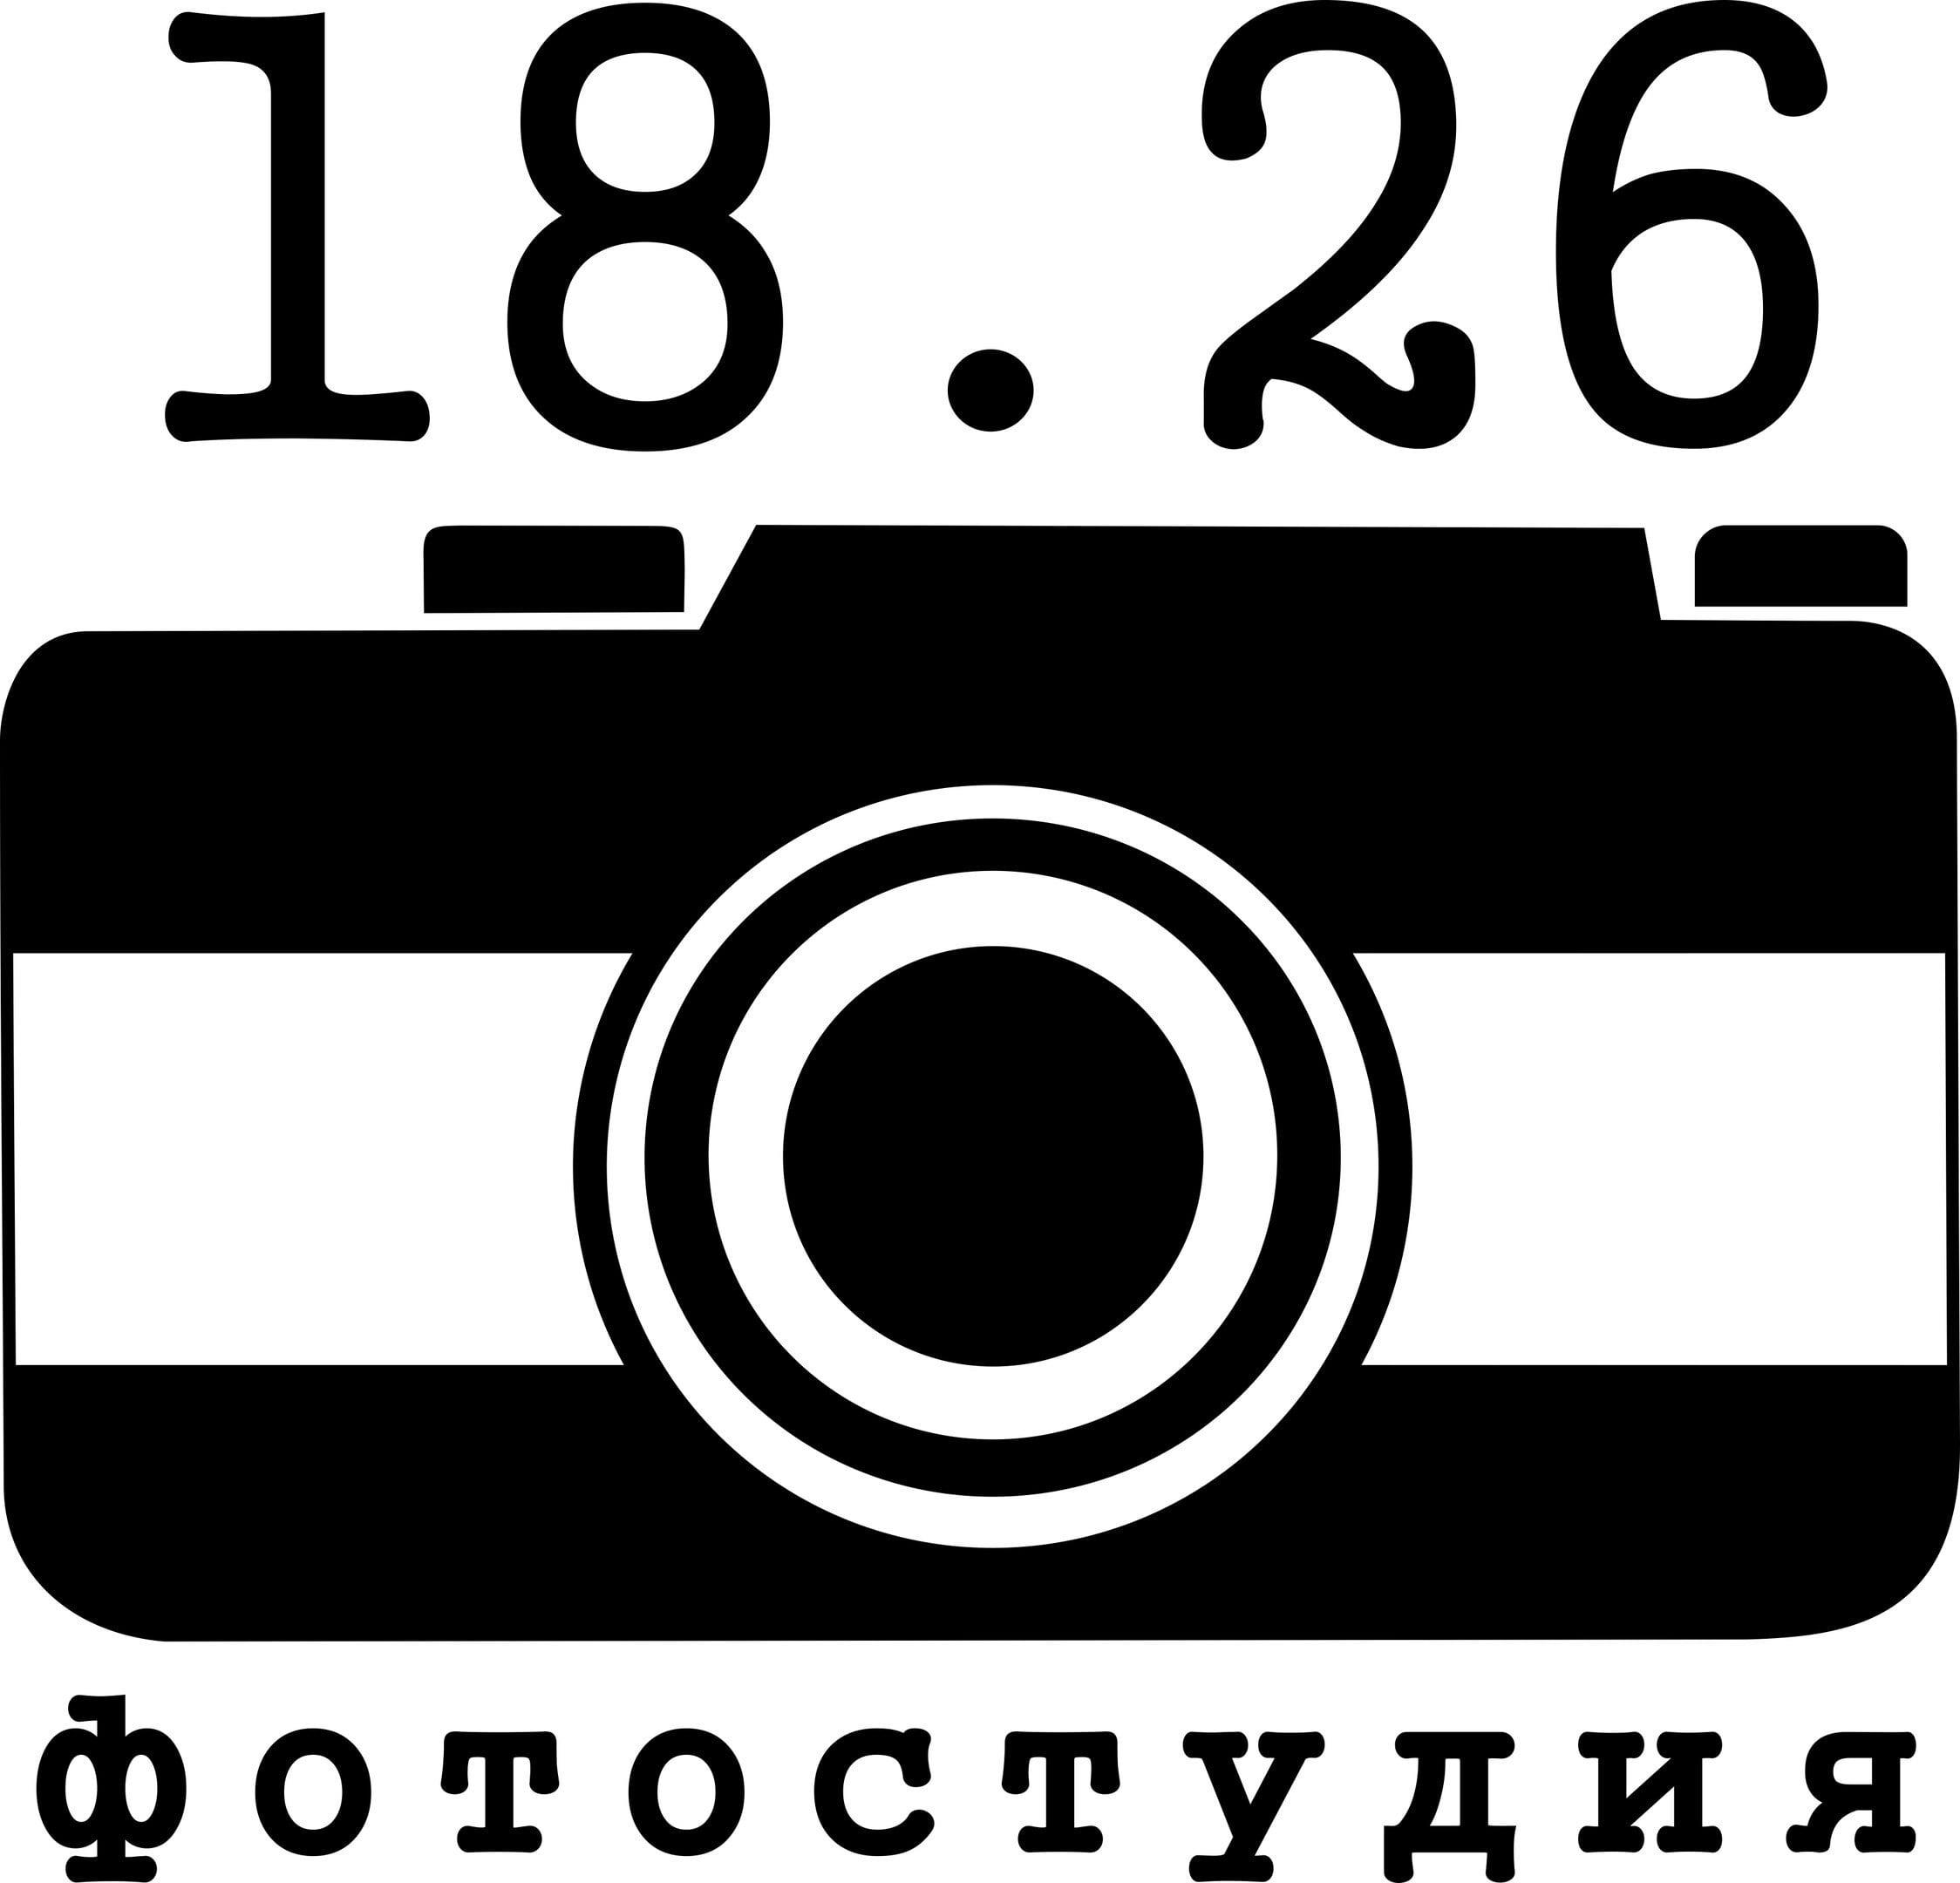 Фотостудия 18 26